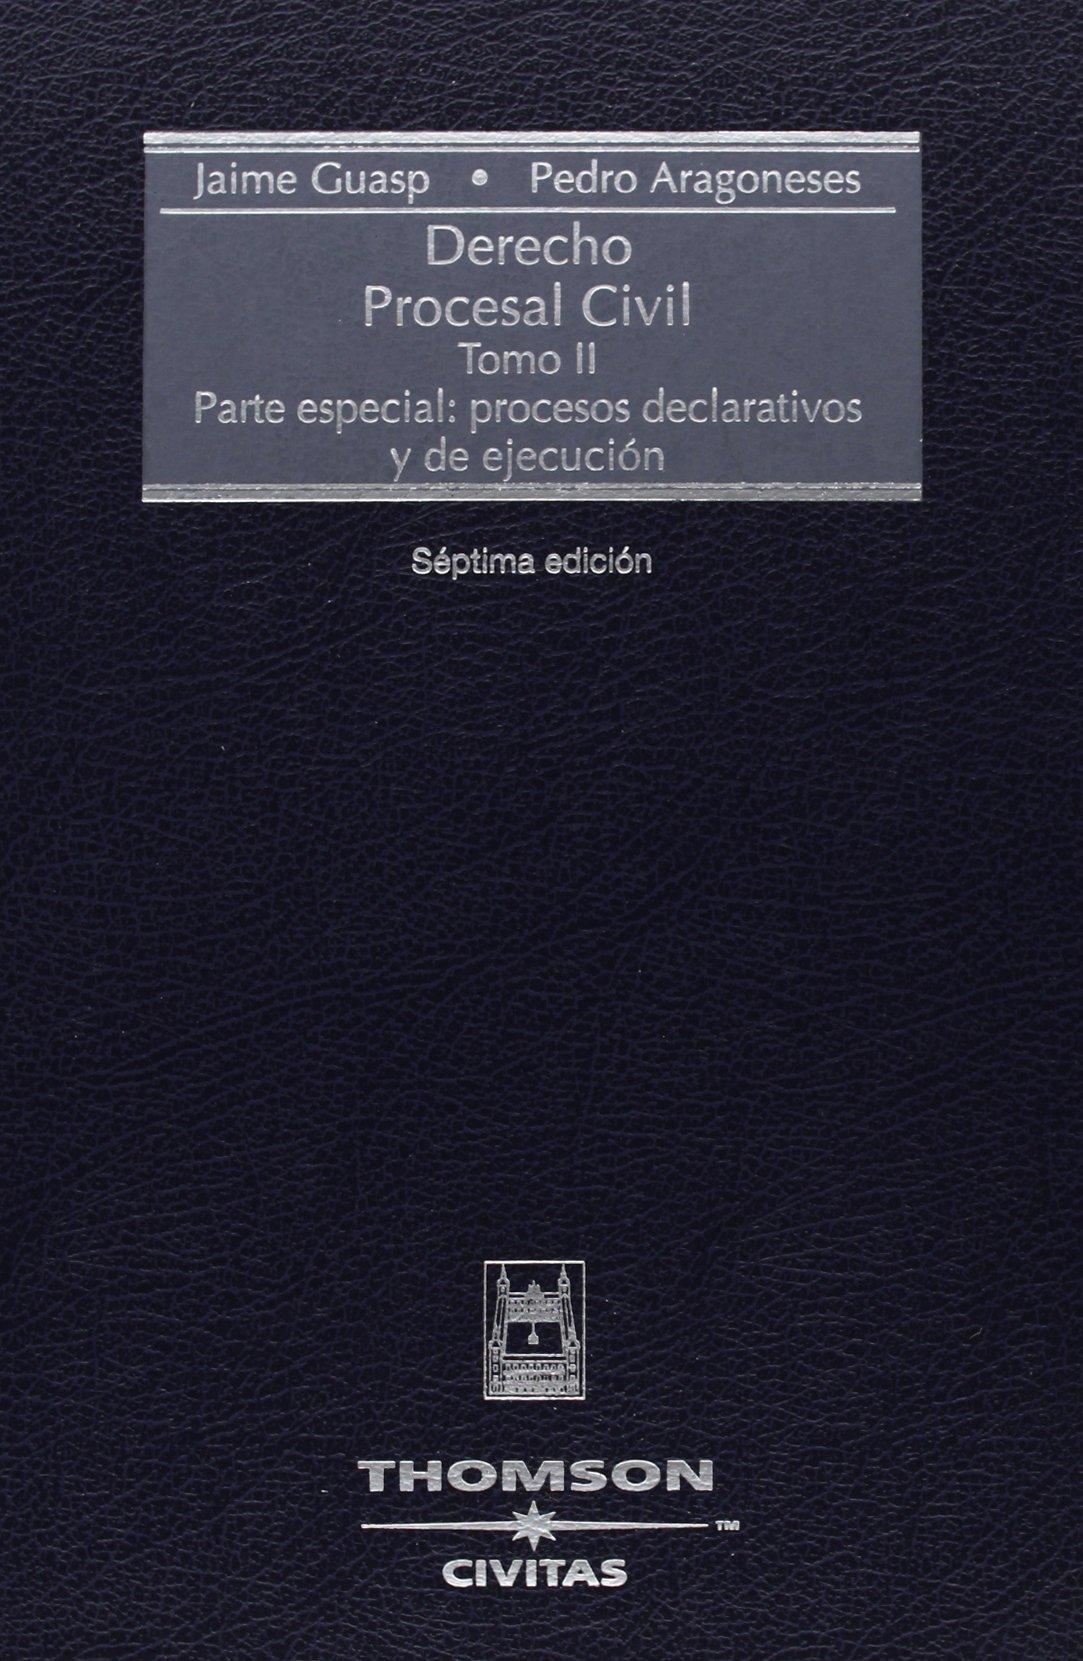 Parte especial: procesos declarativos y de ejecución Tratados y Manuales de Derecho: Amazon.es: Pedro Aragoneses Alonso, Jaime Guasp : Libros